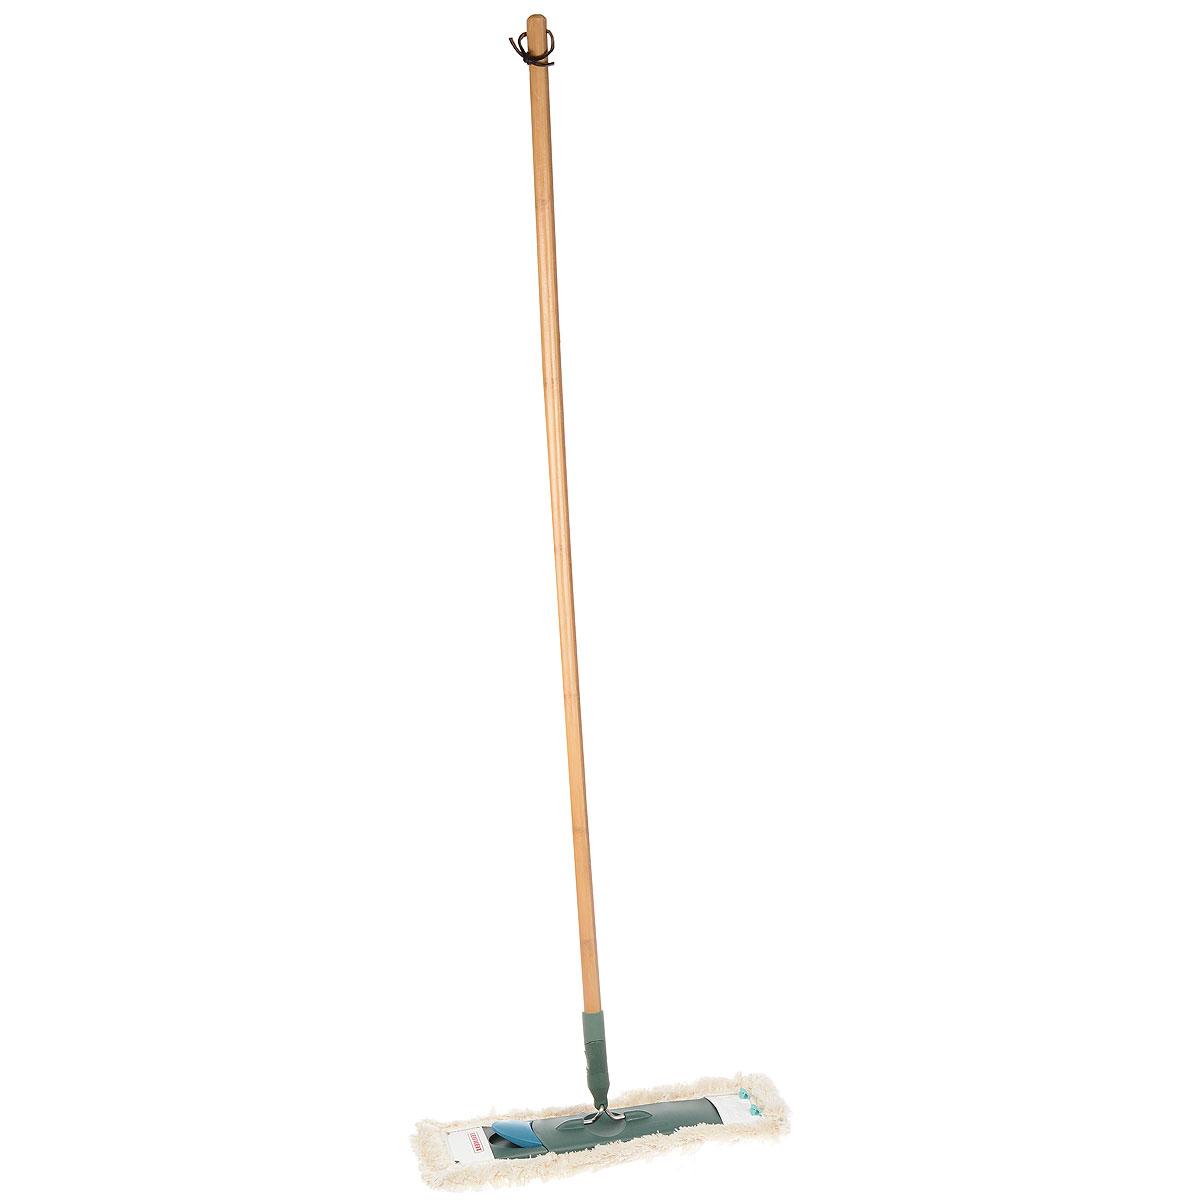 Claro EcoPerfect Швабра для пола55271Швабра с бамбуковой ручкой (135 см). Удобна и проста в эксплуатации. Не требует специального ведра для отжима. Имеет насадку с большим содержанием хлопка и высокой степенью впитывания воды и грязи. Ширина рабочей поверхности 42 см. Подходит сменная насадка Eco Perfect арт. 55272 и Profi.